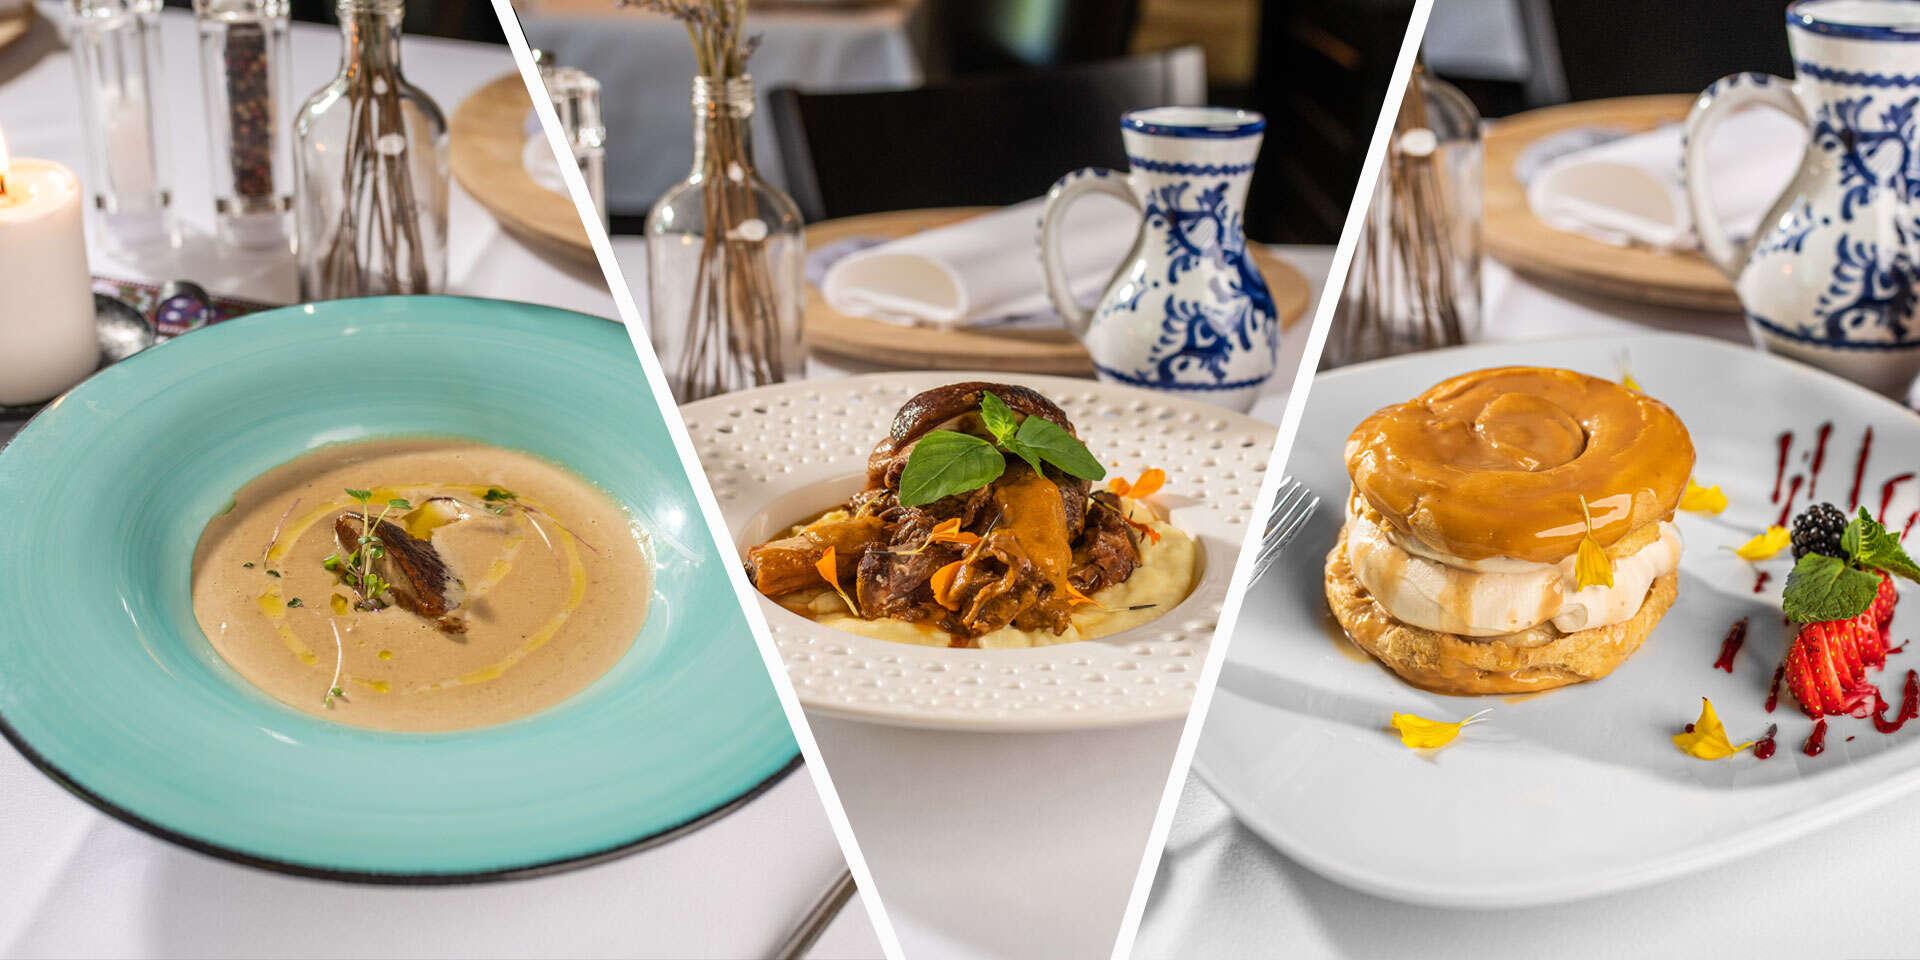 Obľúbené 3-chodové menu v reštaurácii Leberfinger na nábreží Dunaja